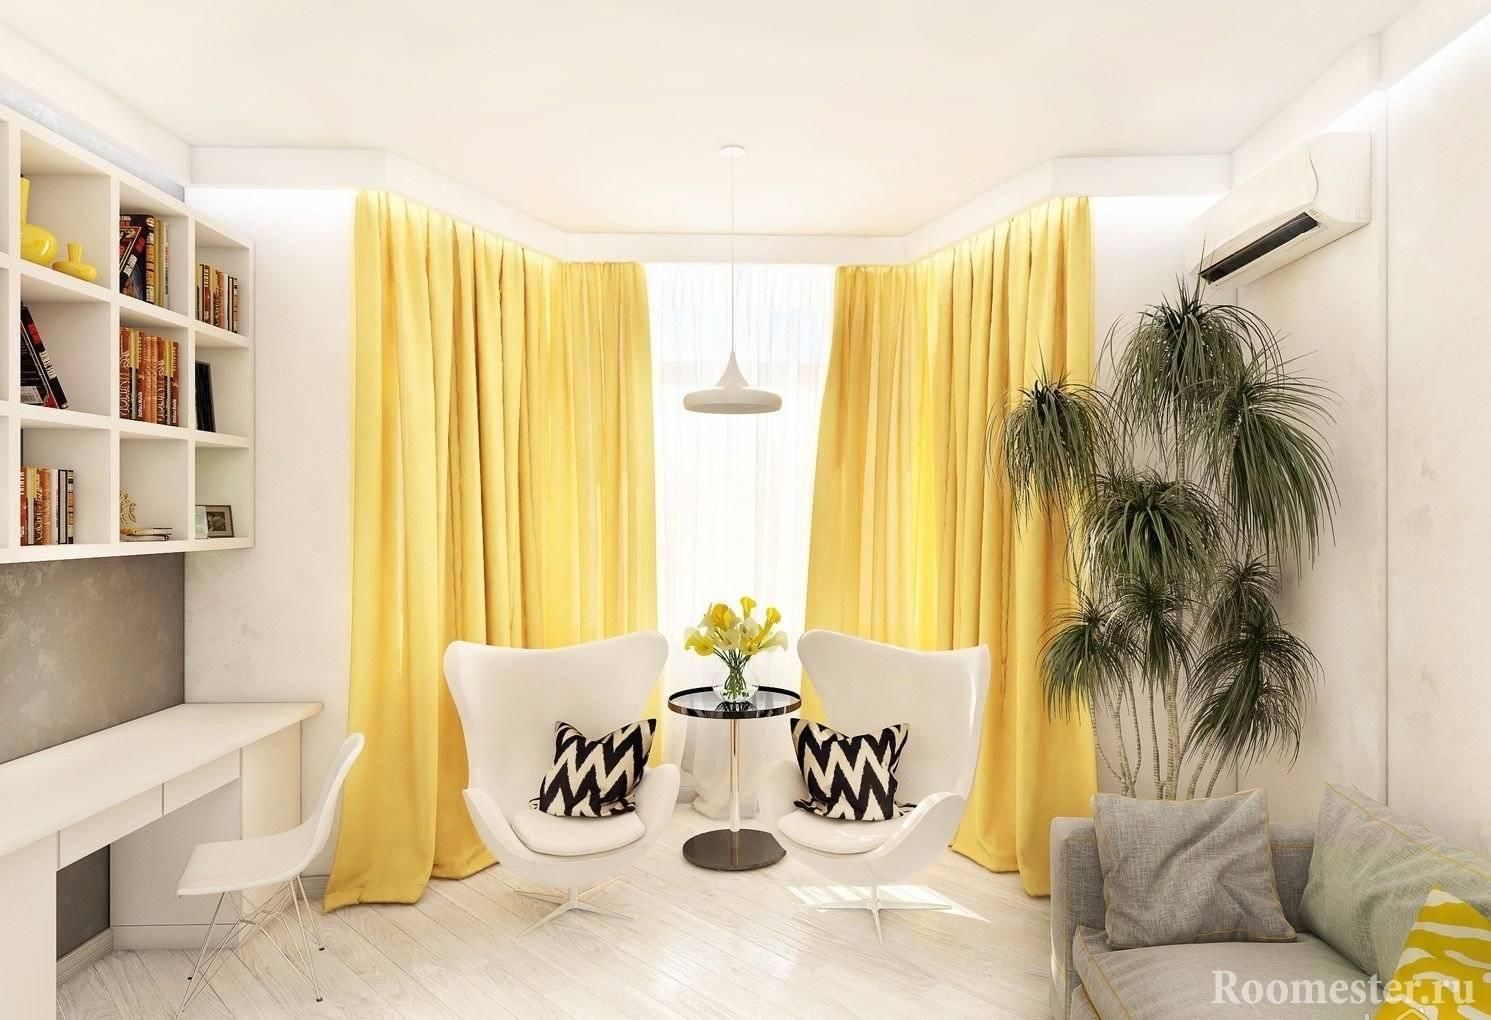 Как подобрать шторы (79 фото): как правильно сочетать в интерьере зала, к чему подбирают цвет занавески, где уместны шторы цвета морской волны